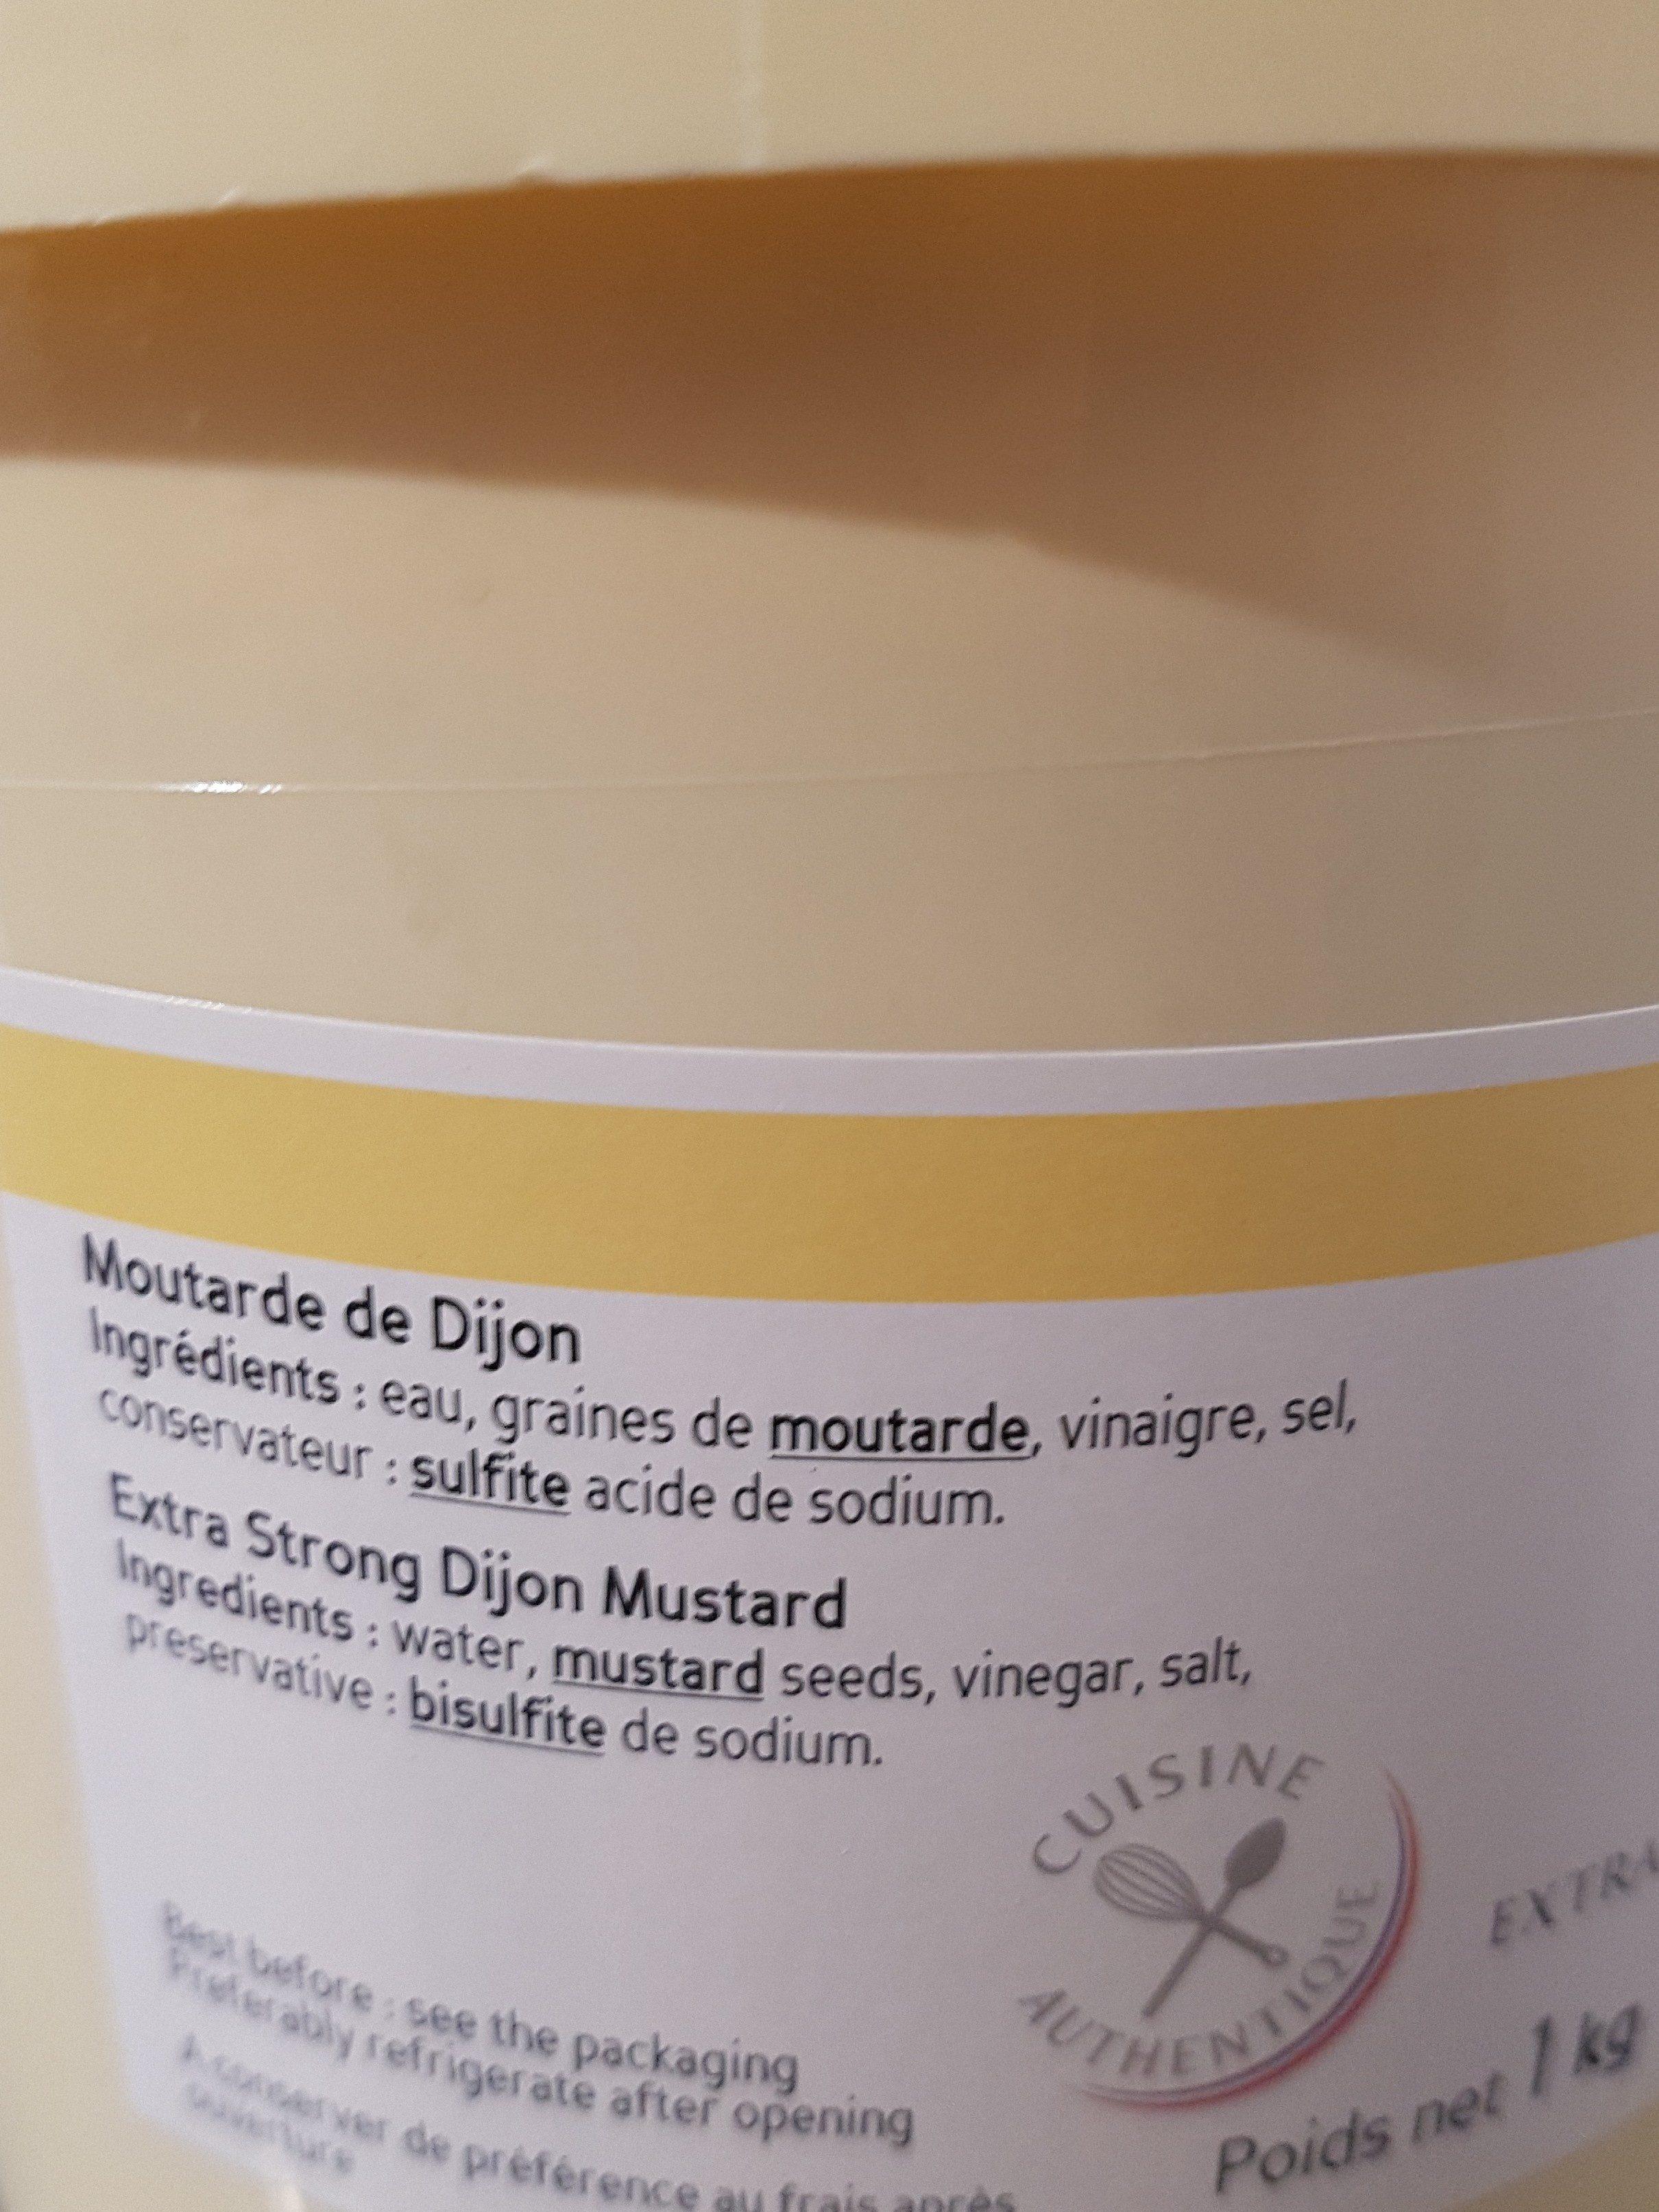 Moutarde De Dijon 1, 05L - Ingredienti - fr